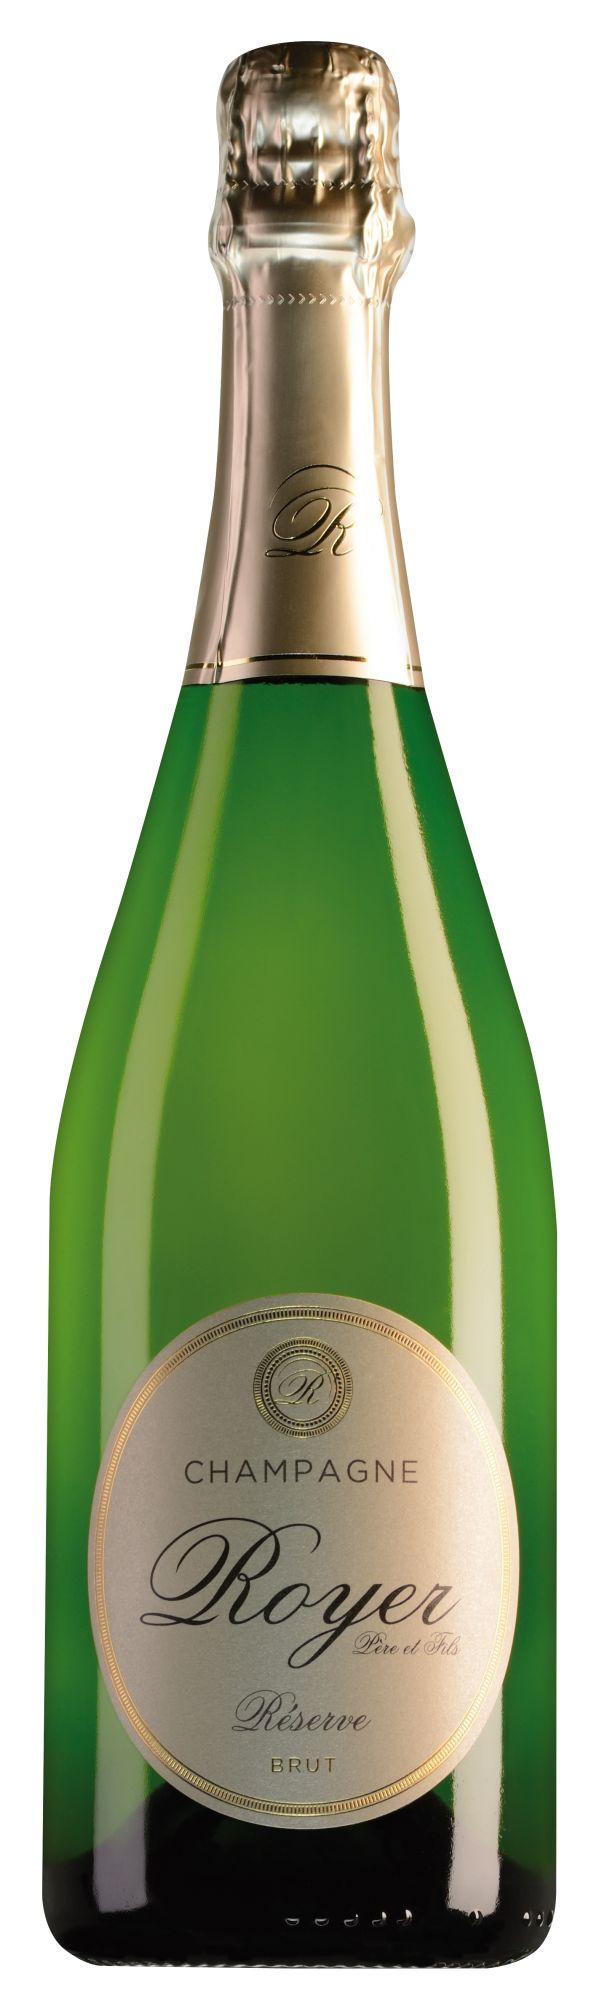 Royer Champagne Réserve Brut halve fles